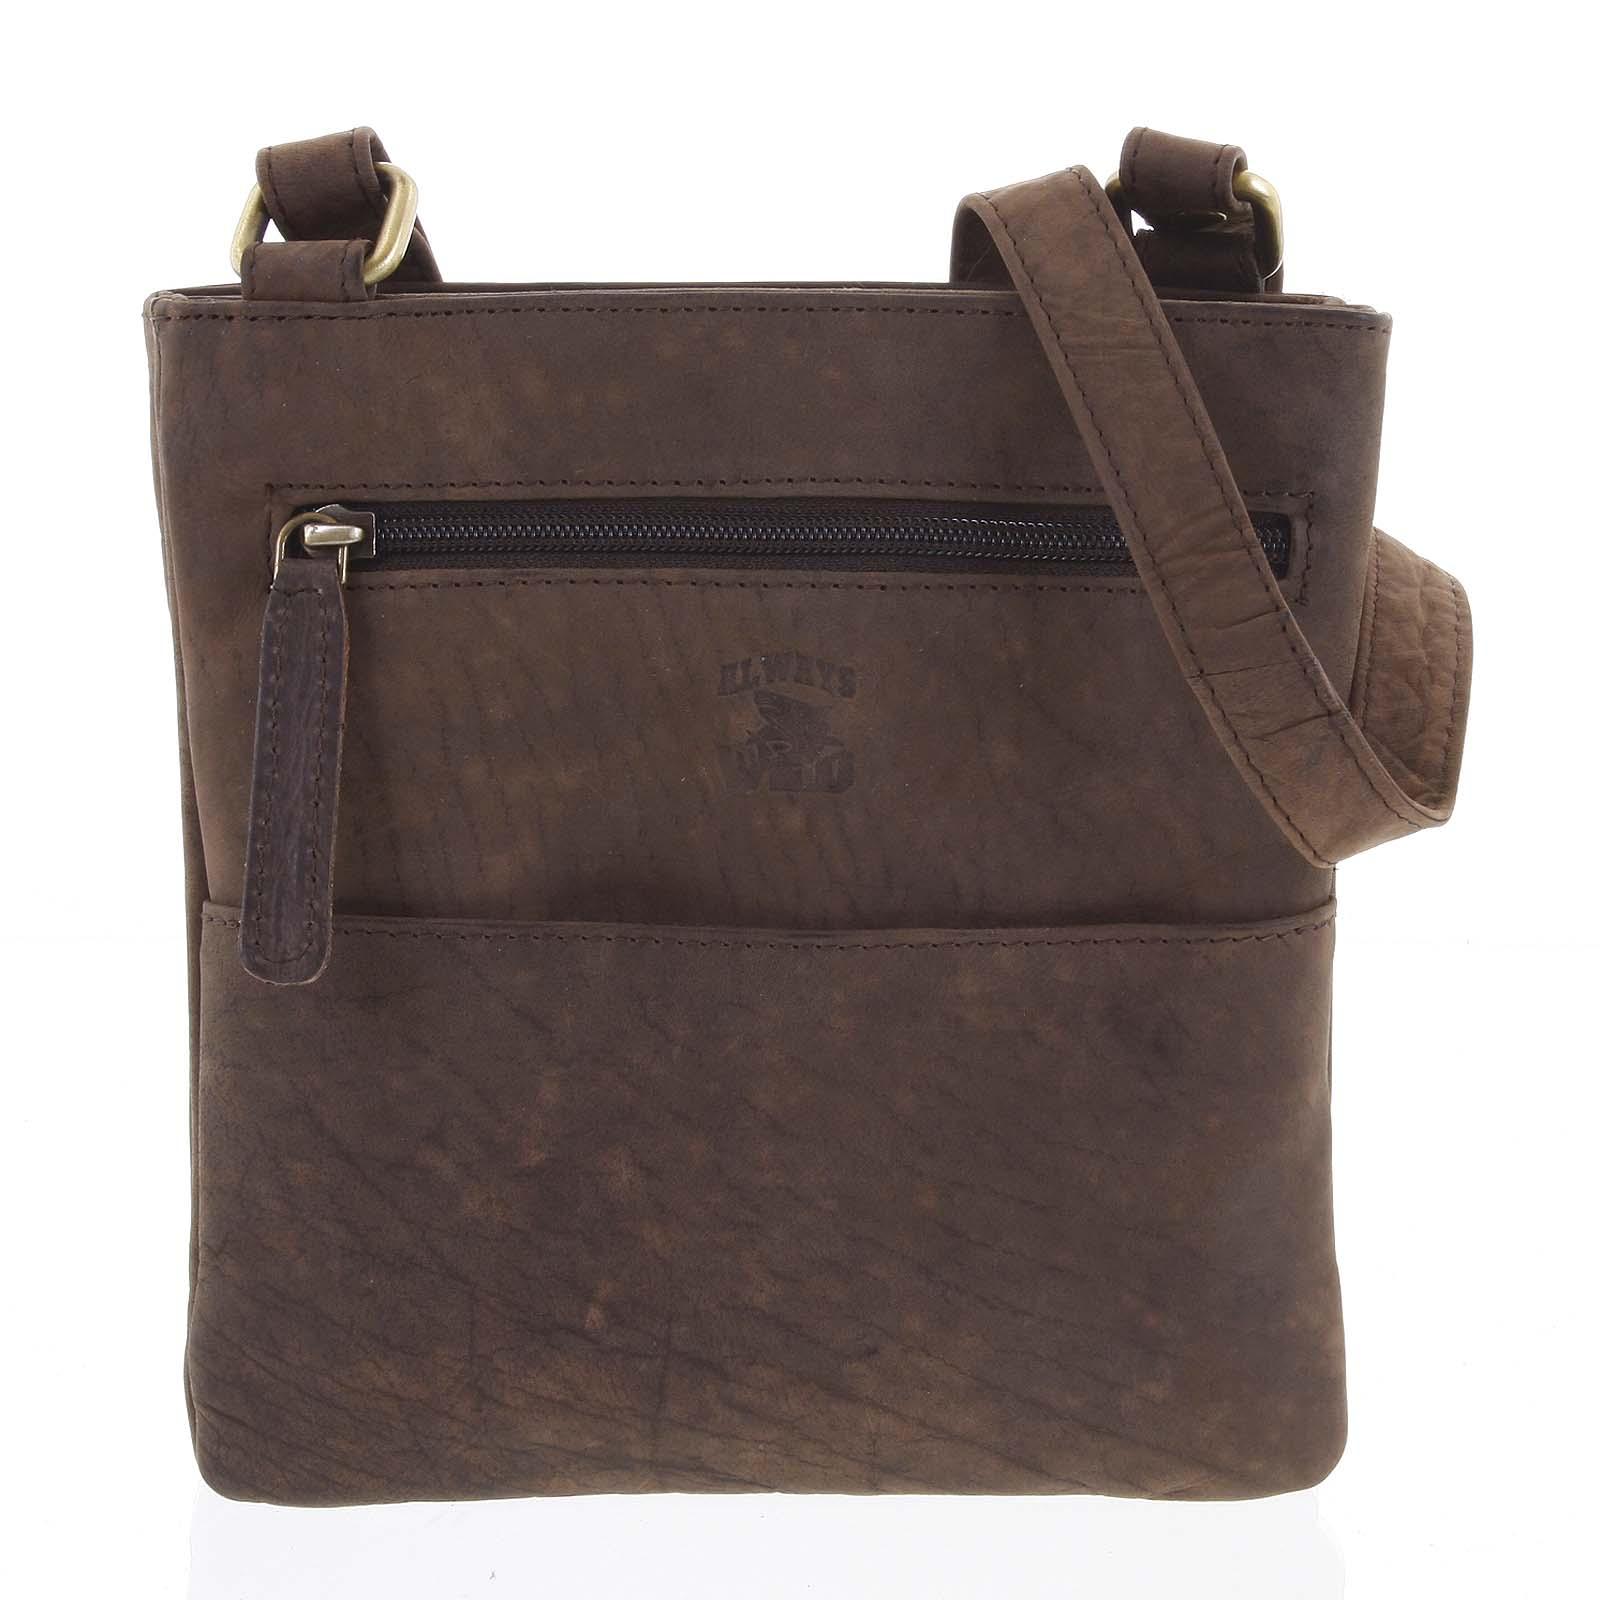 Pánska kožená taška na doklady hnedá - WILD Lukeny hnedá